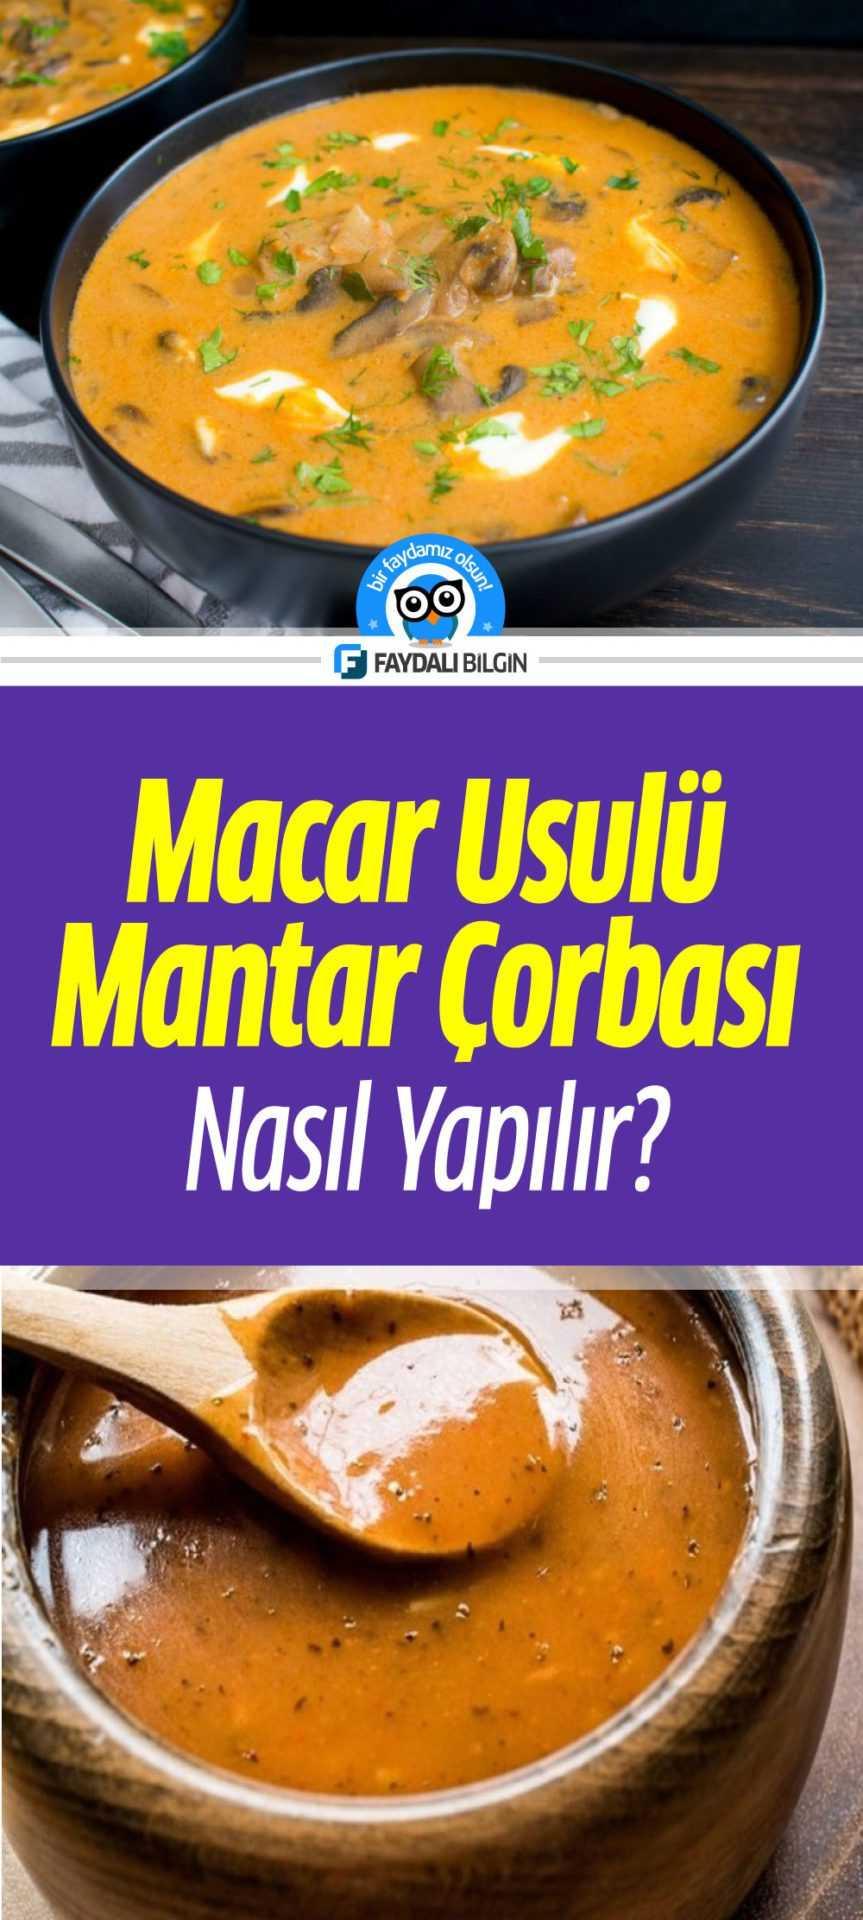 Macar Usulü Mantar Çorbası Tarifi - Nasıl Yapılır?